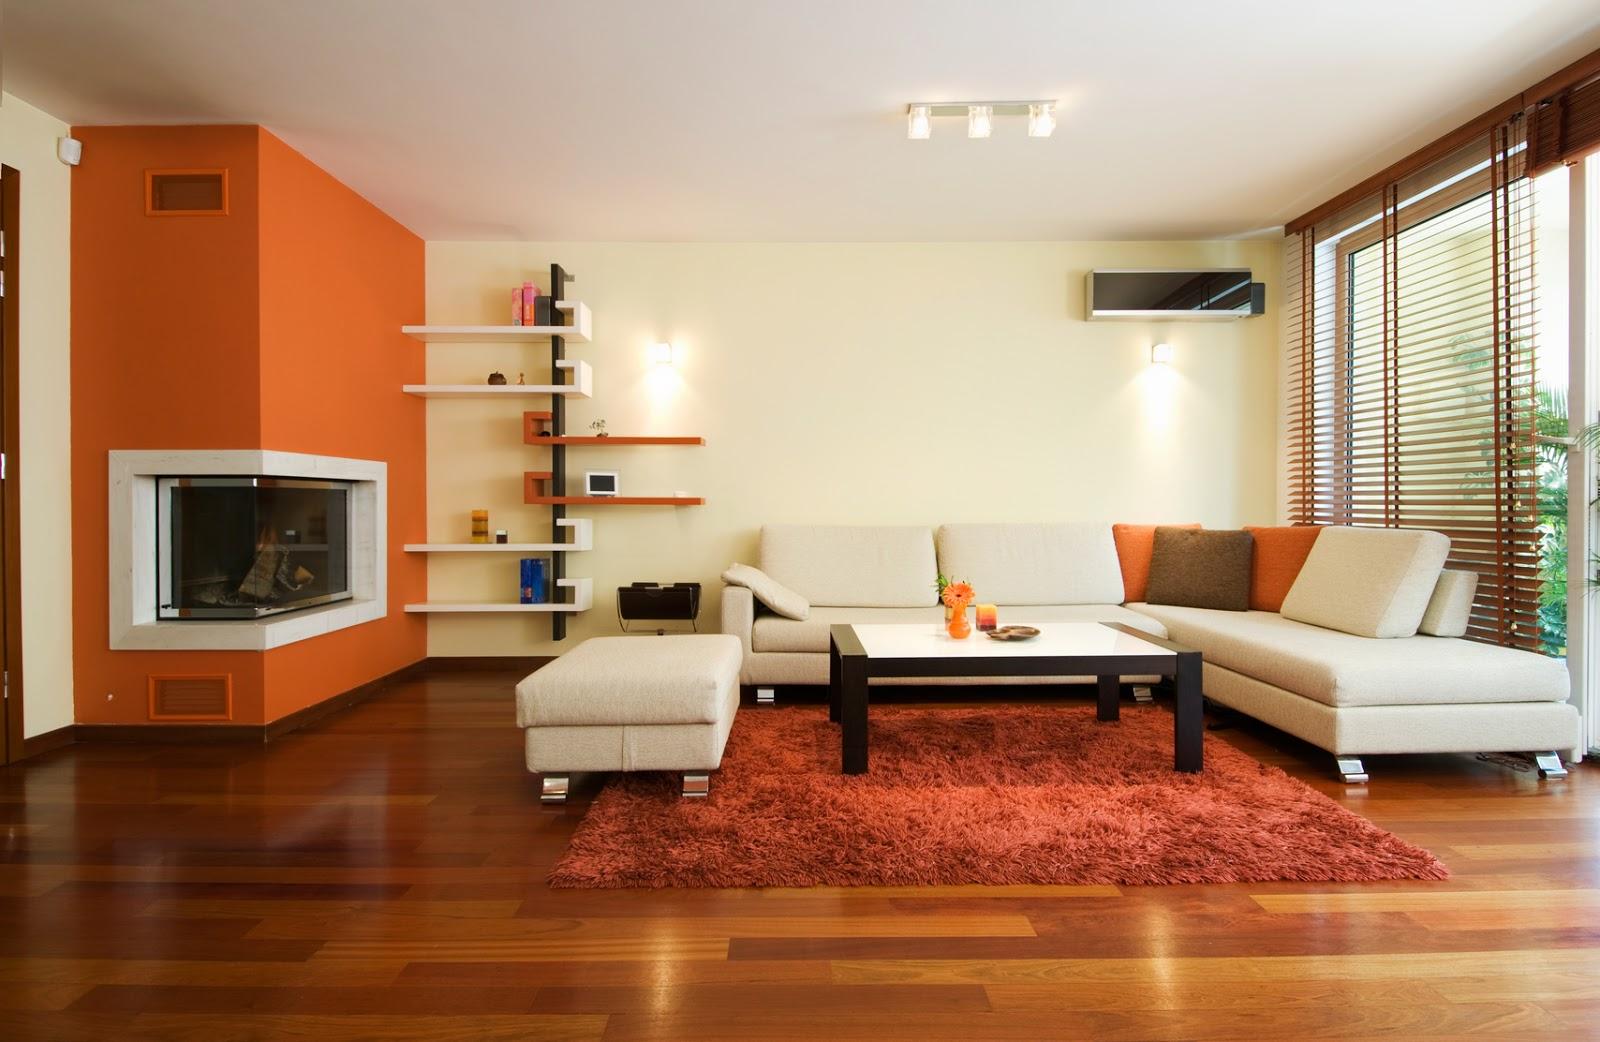 Pinturas ba os el color perfecto para mi casa - De que color pintar mi casa ...